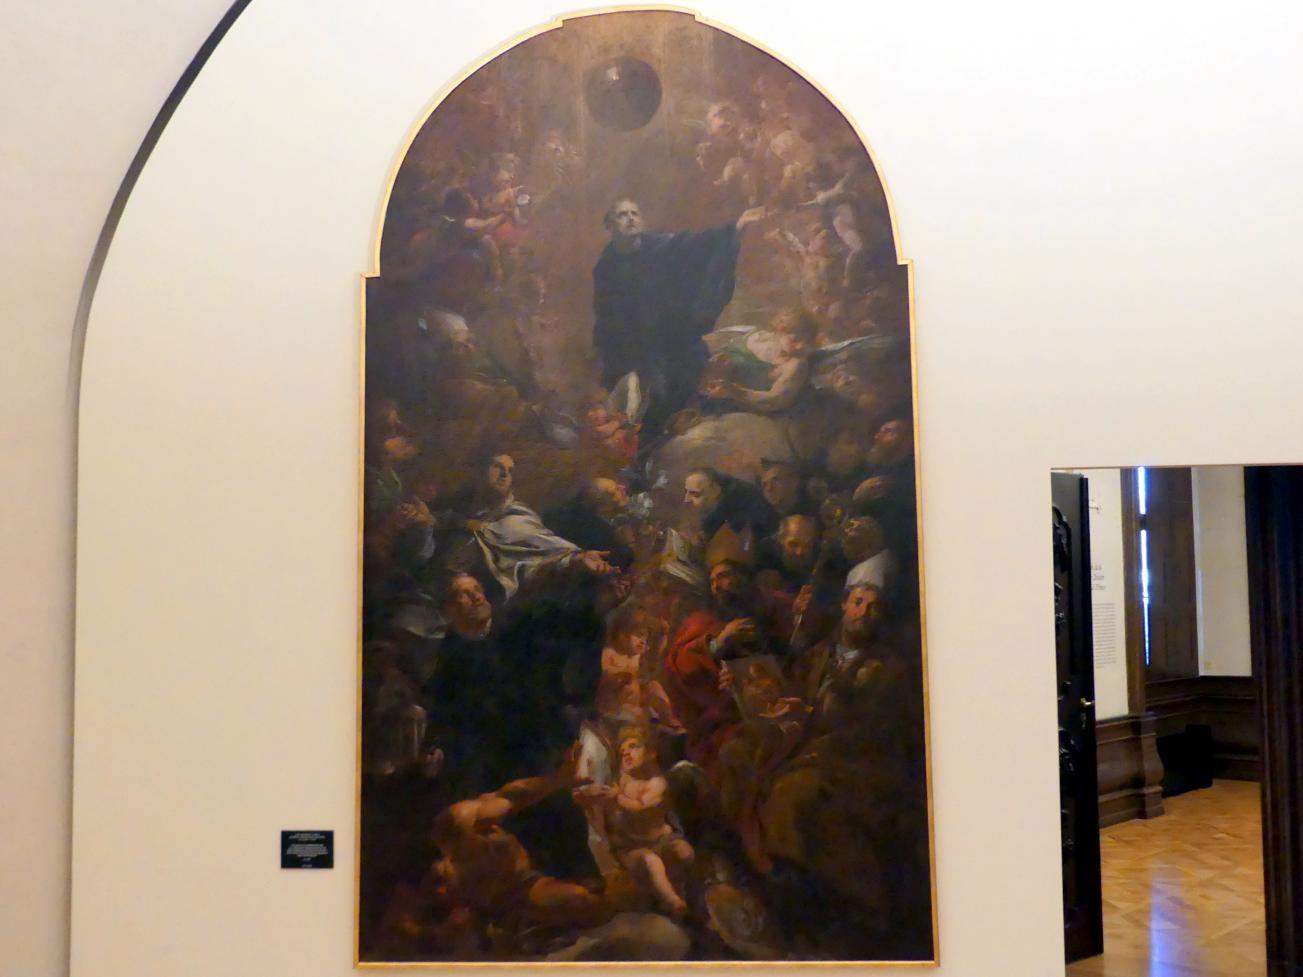 Johann Christoph Lischka: Böhmische Patrone aus dem Benediktinerorden mit dem hl. Benedikt, um 1693